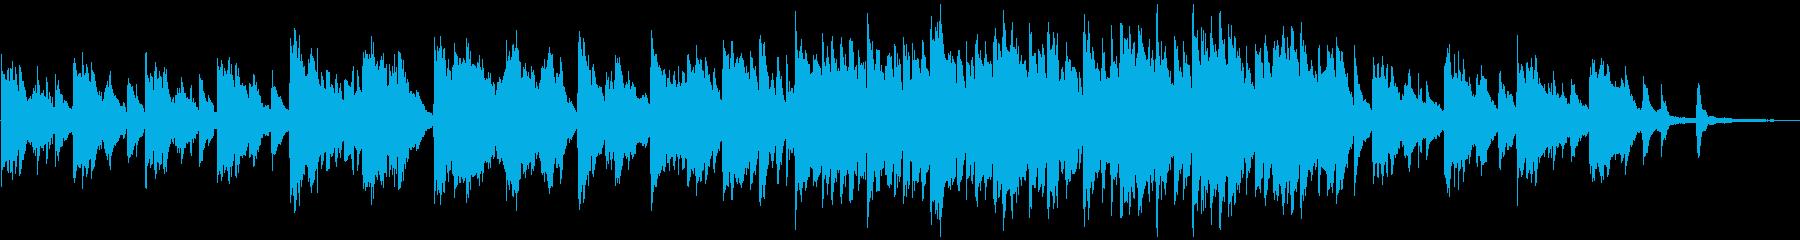 優しいピアノ曲の再生済みの波形